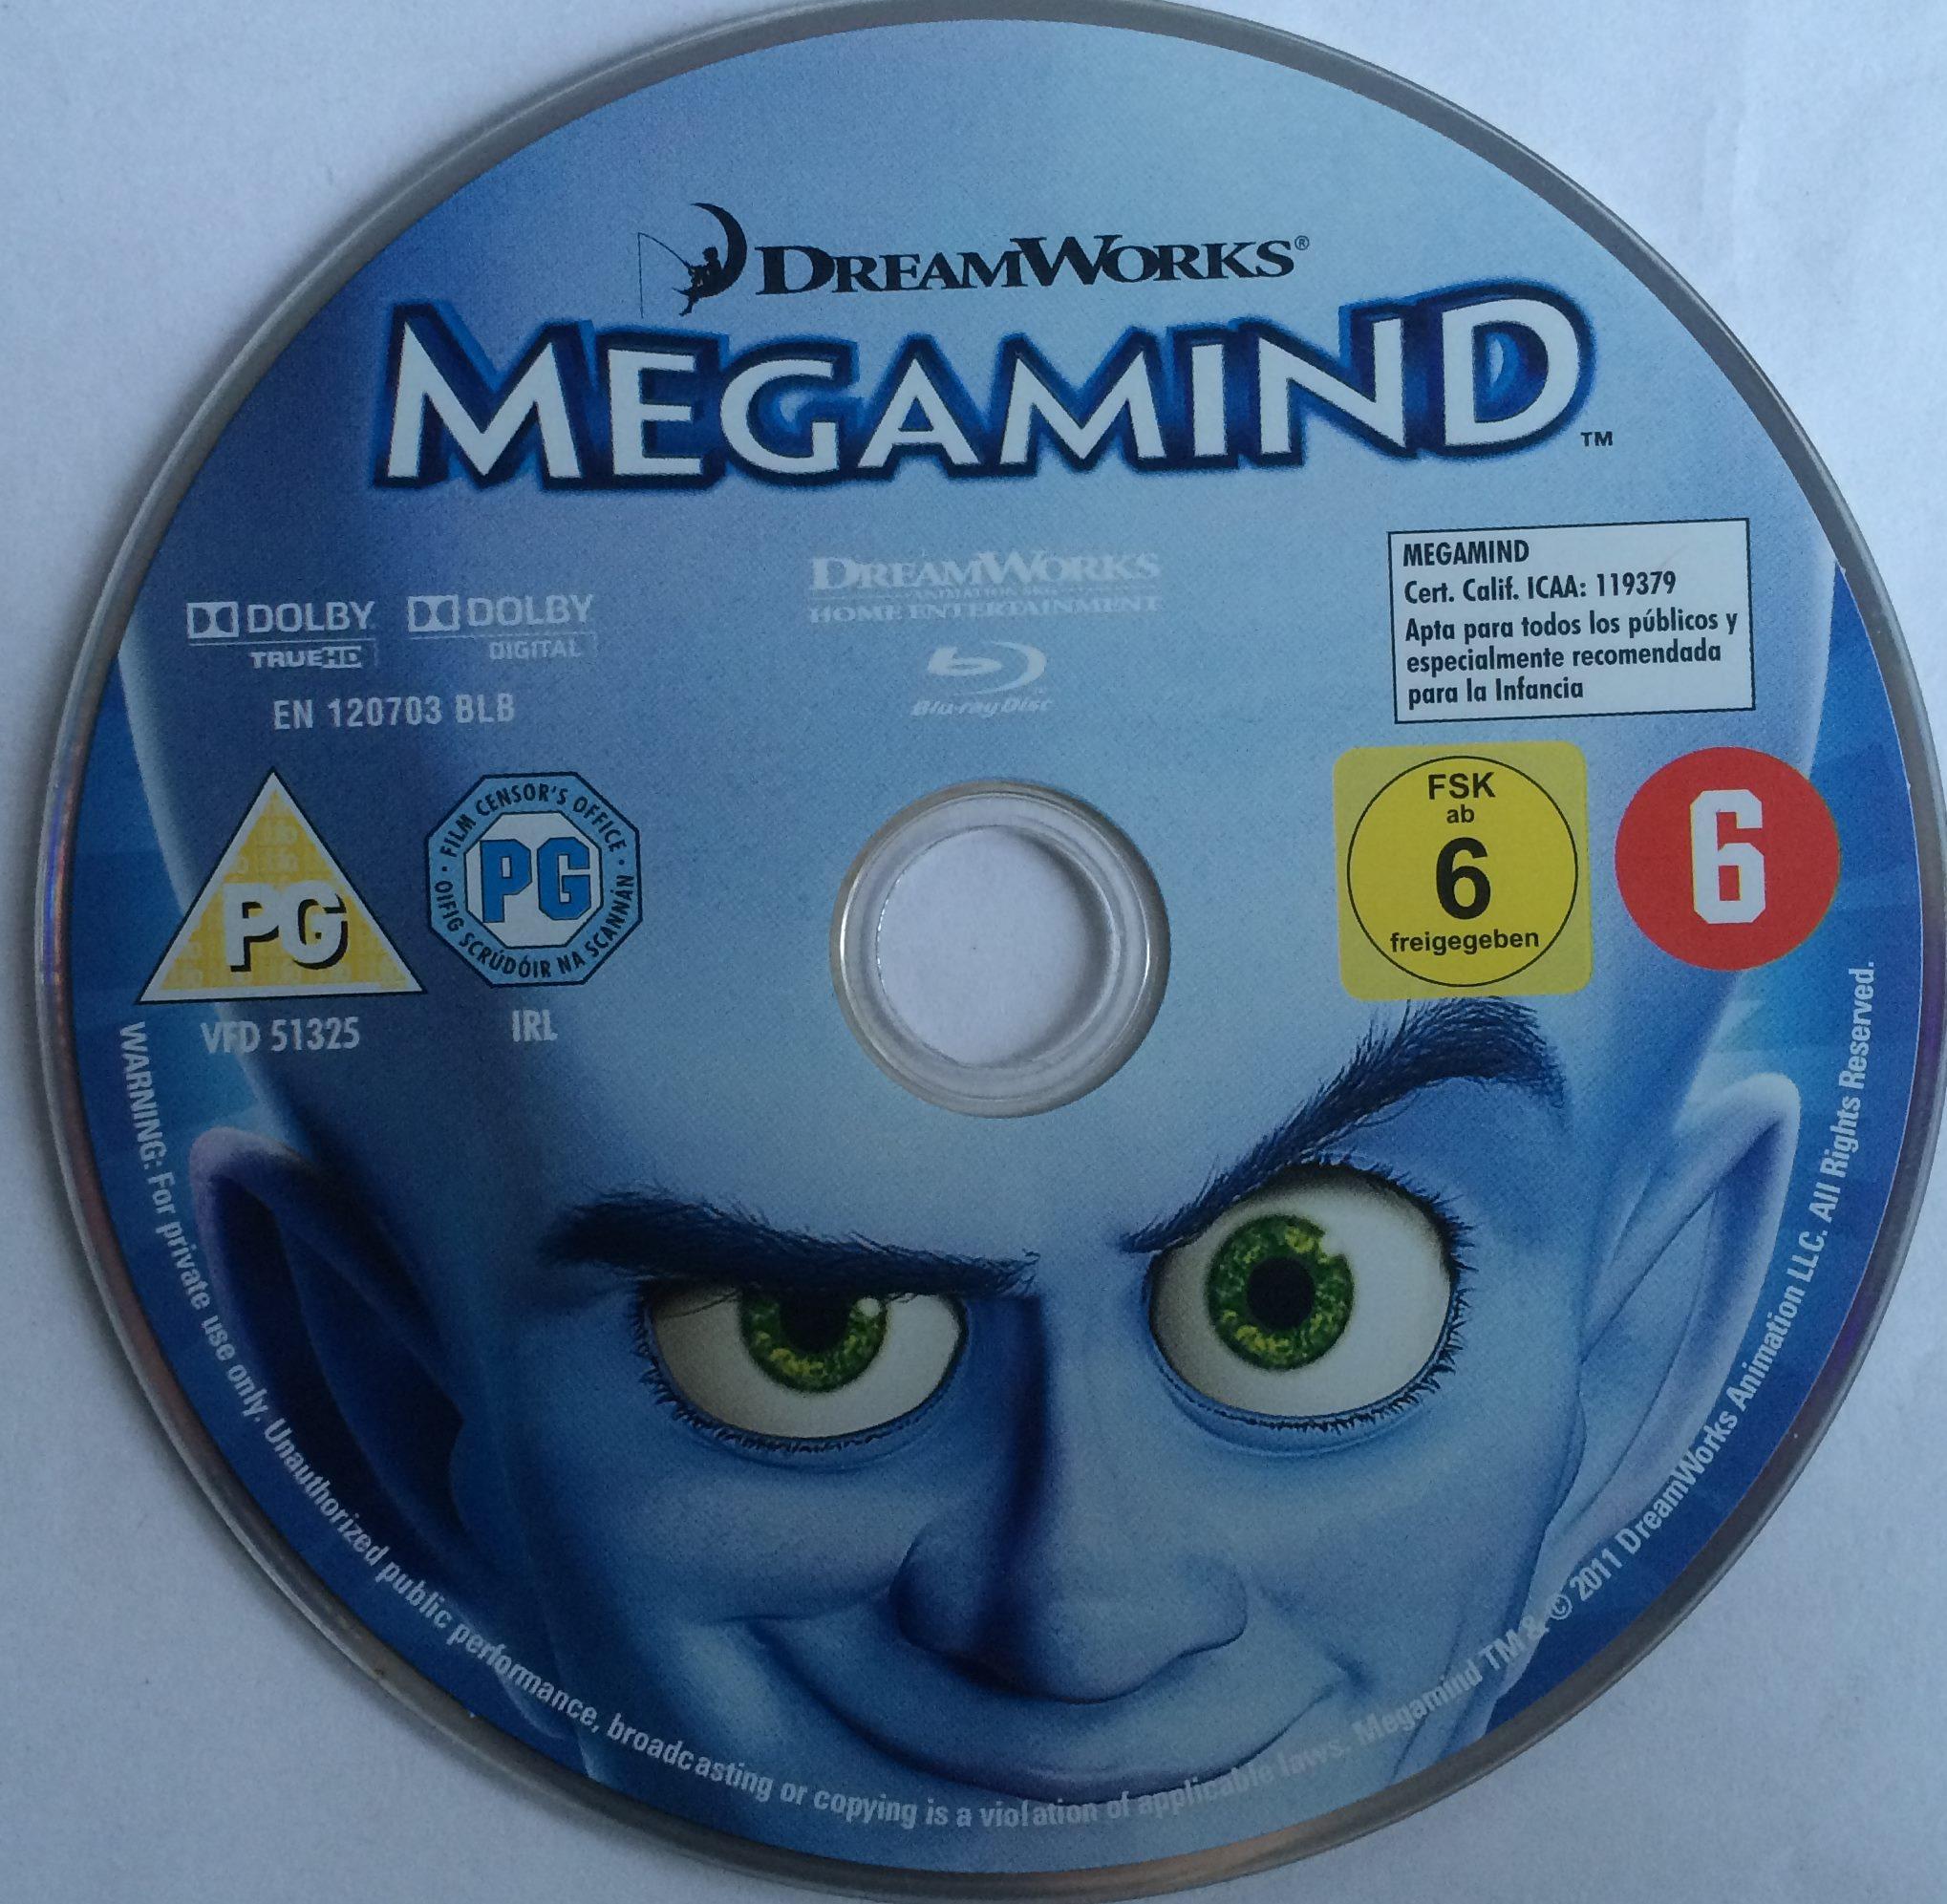 Megamind Disk